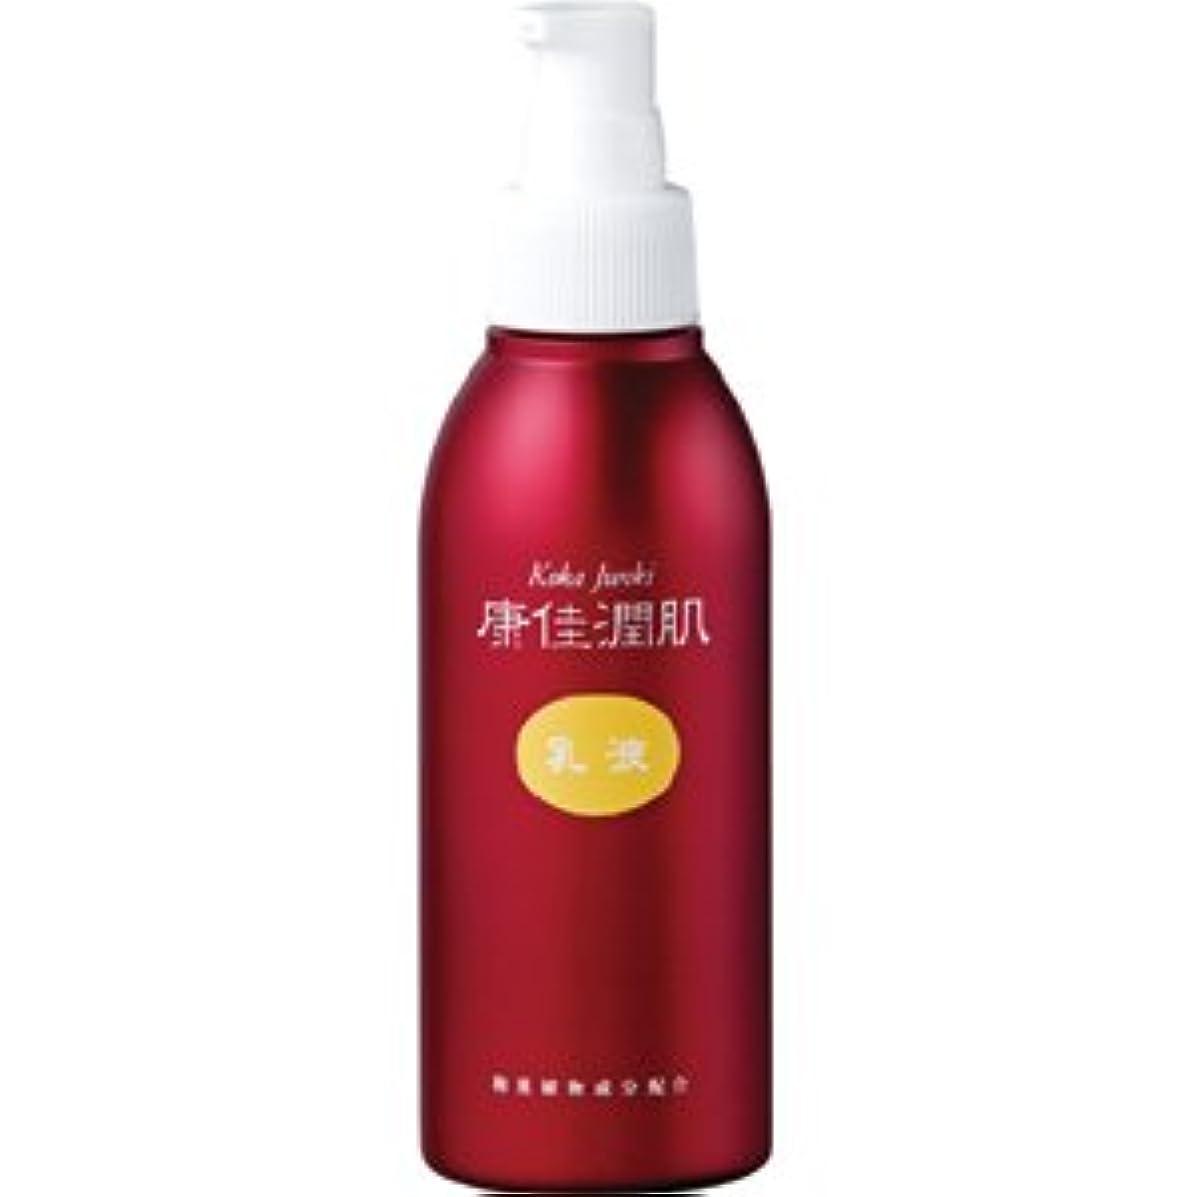 誠実さ銀呼ぶ『康佳潤肌(こうかじゅんき)乳液150ml』敏感肌の方のために!医師が開発した保湿と清浄に優れた乳液。